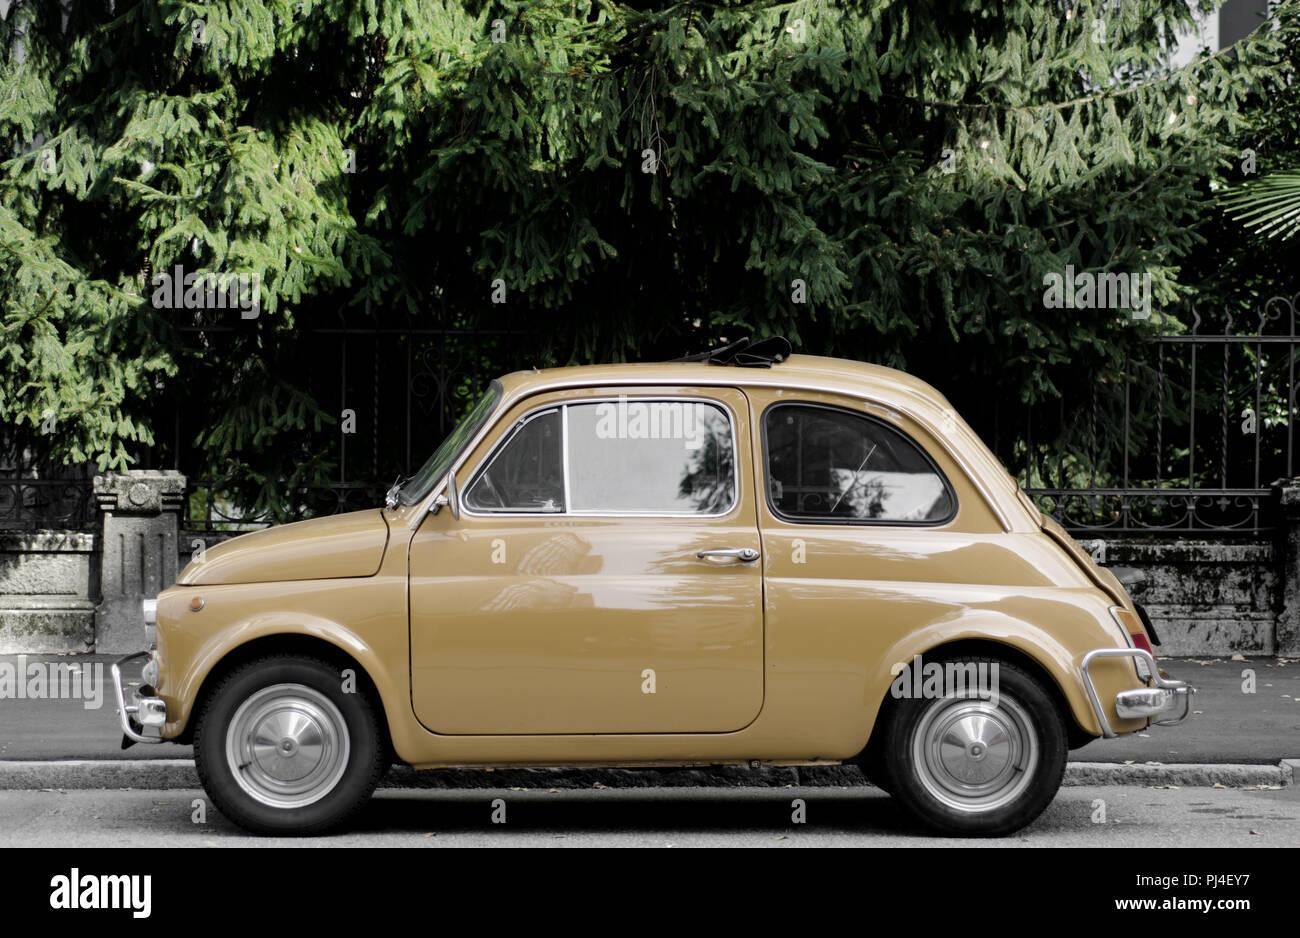 Old Yellow Italian Classic Car. - Stock Image